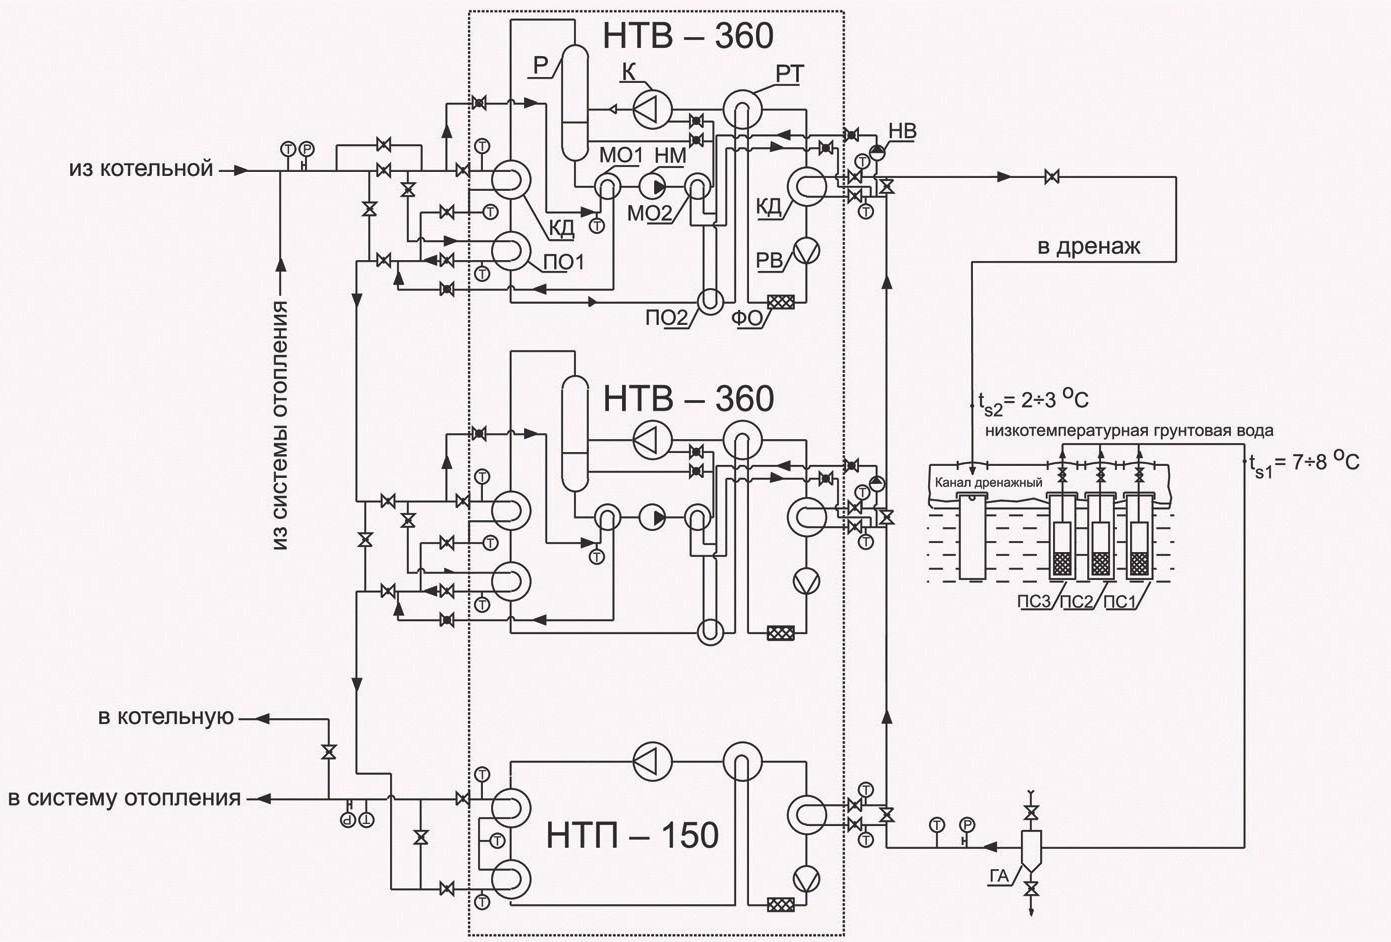 схема теплонасосной части бивалентной котельной